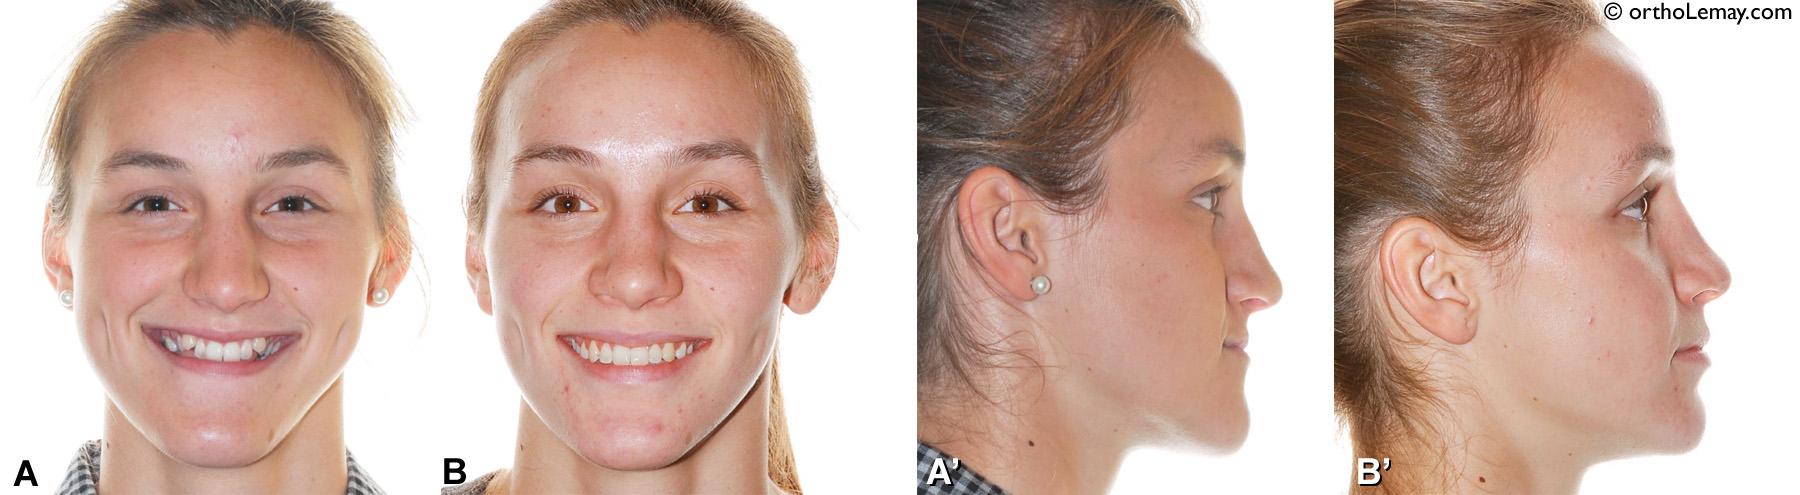 Changements esthétiques dans le profil et le visage suite à un traitement d'ortho-chirurgie incluant une chirurgie orthognathique bimaxillaire pour prognathie mandibulaire et déficience maxillaire (classe 3 - classe III).